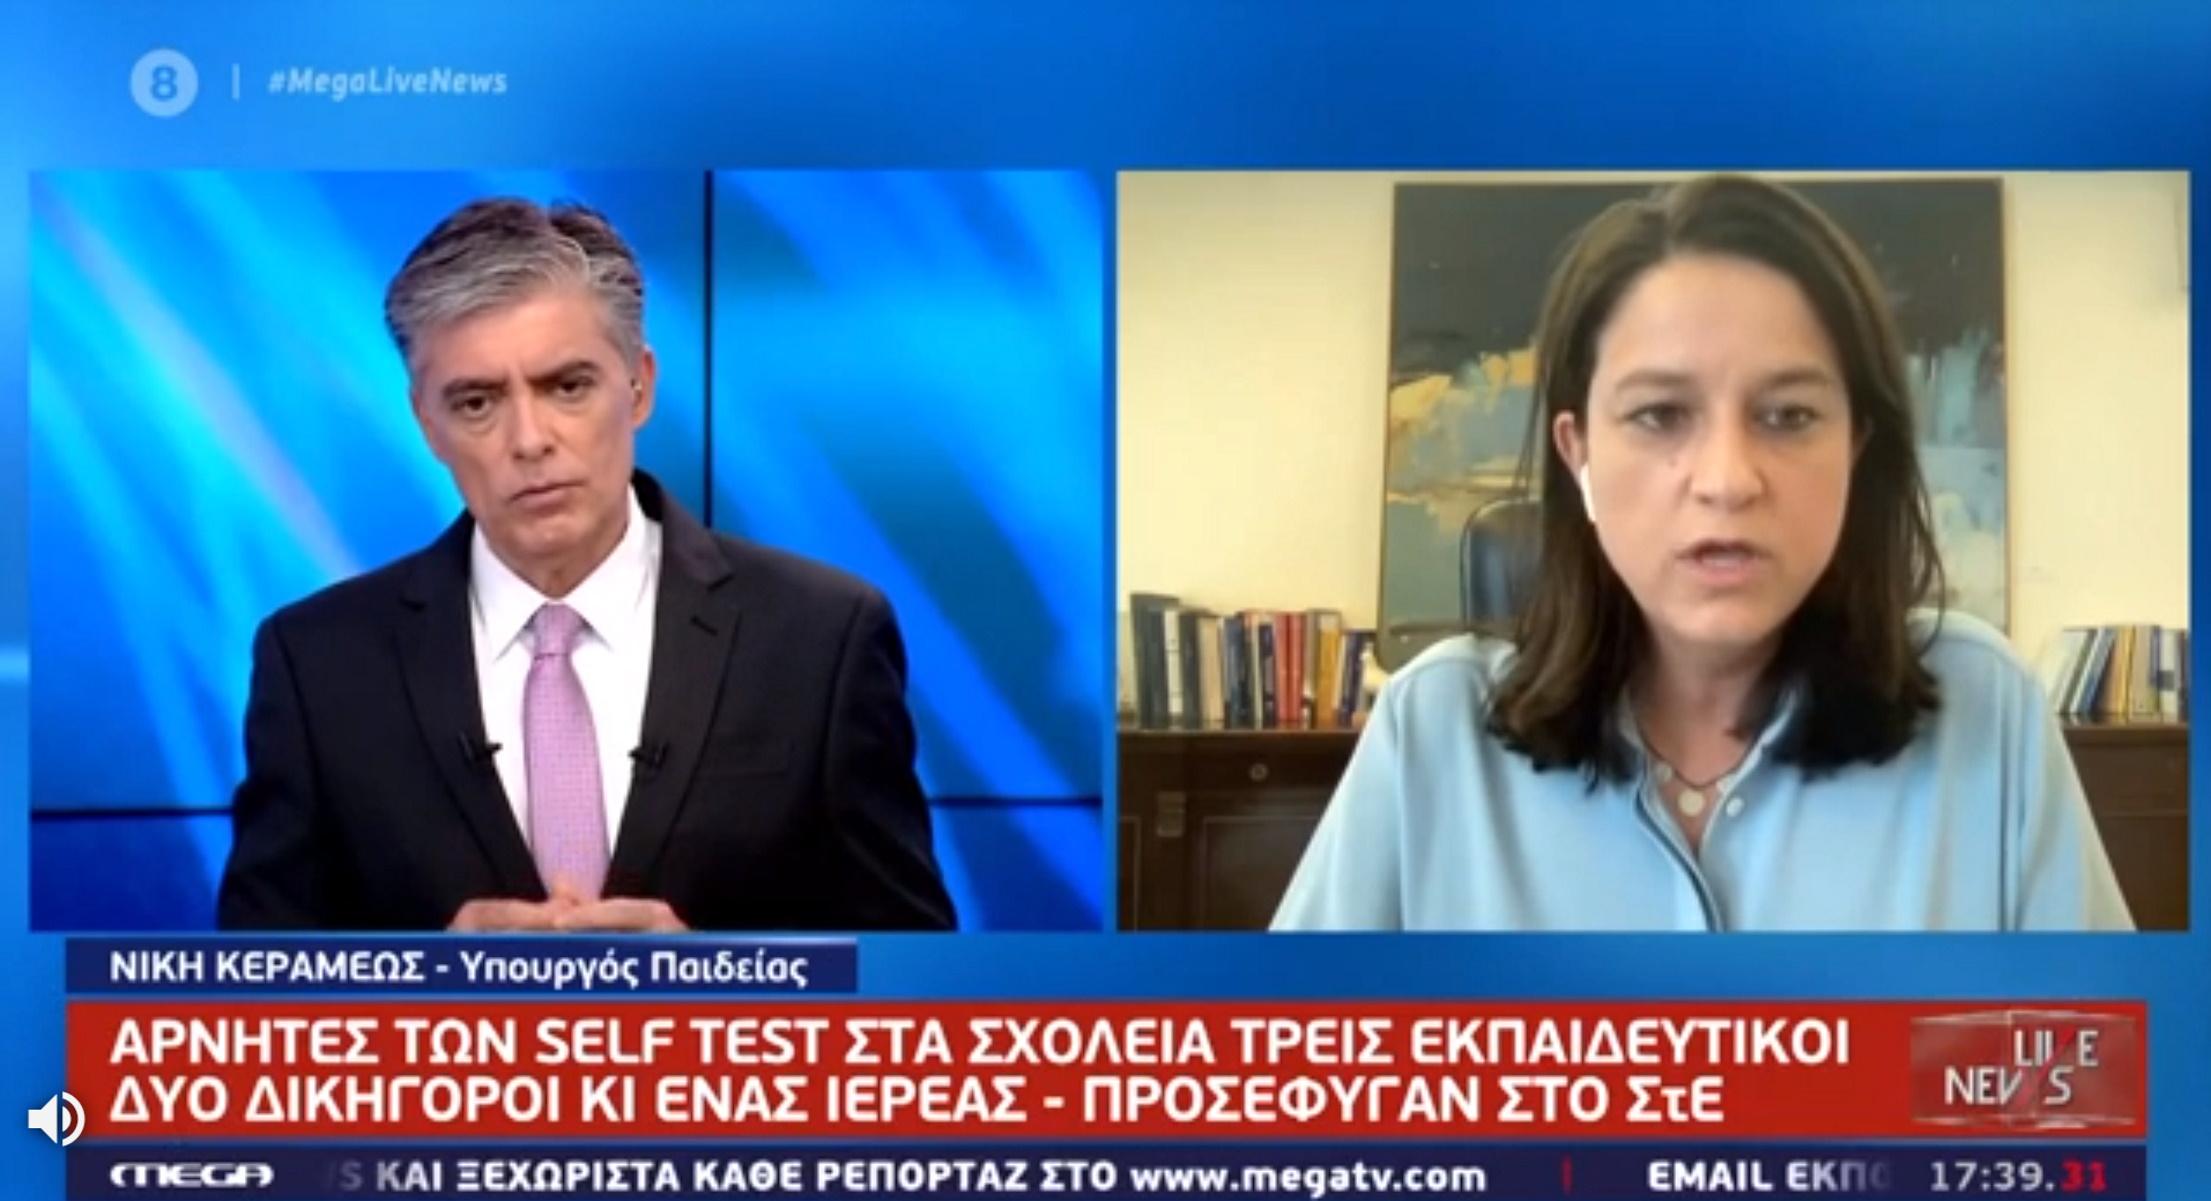 Κεραμέως στο Live News: Στο πλευρό των εκπαιδευτικών που μηνύονται από γονείς – αρνητές των self test (video)